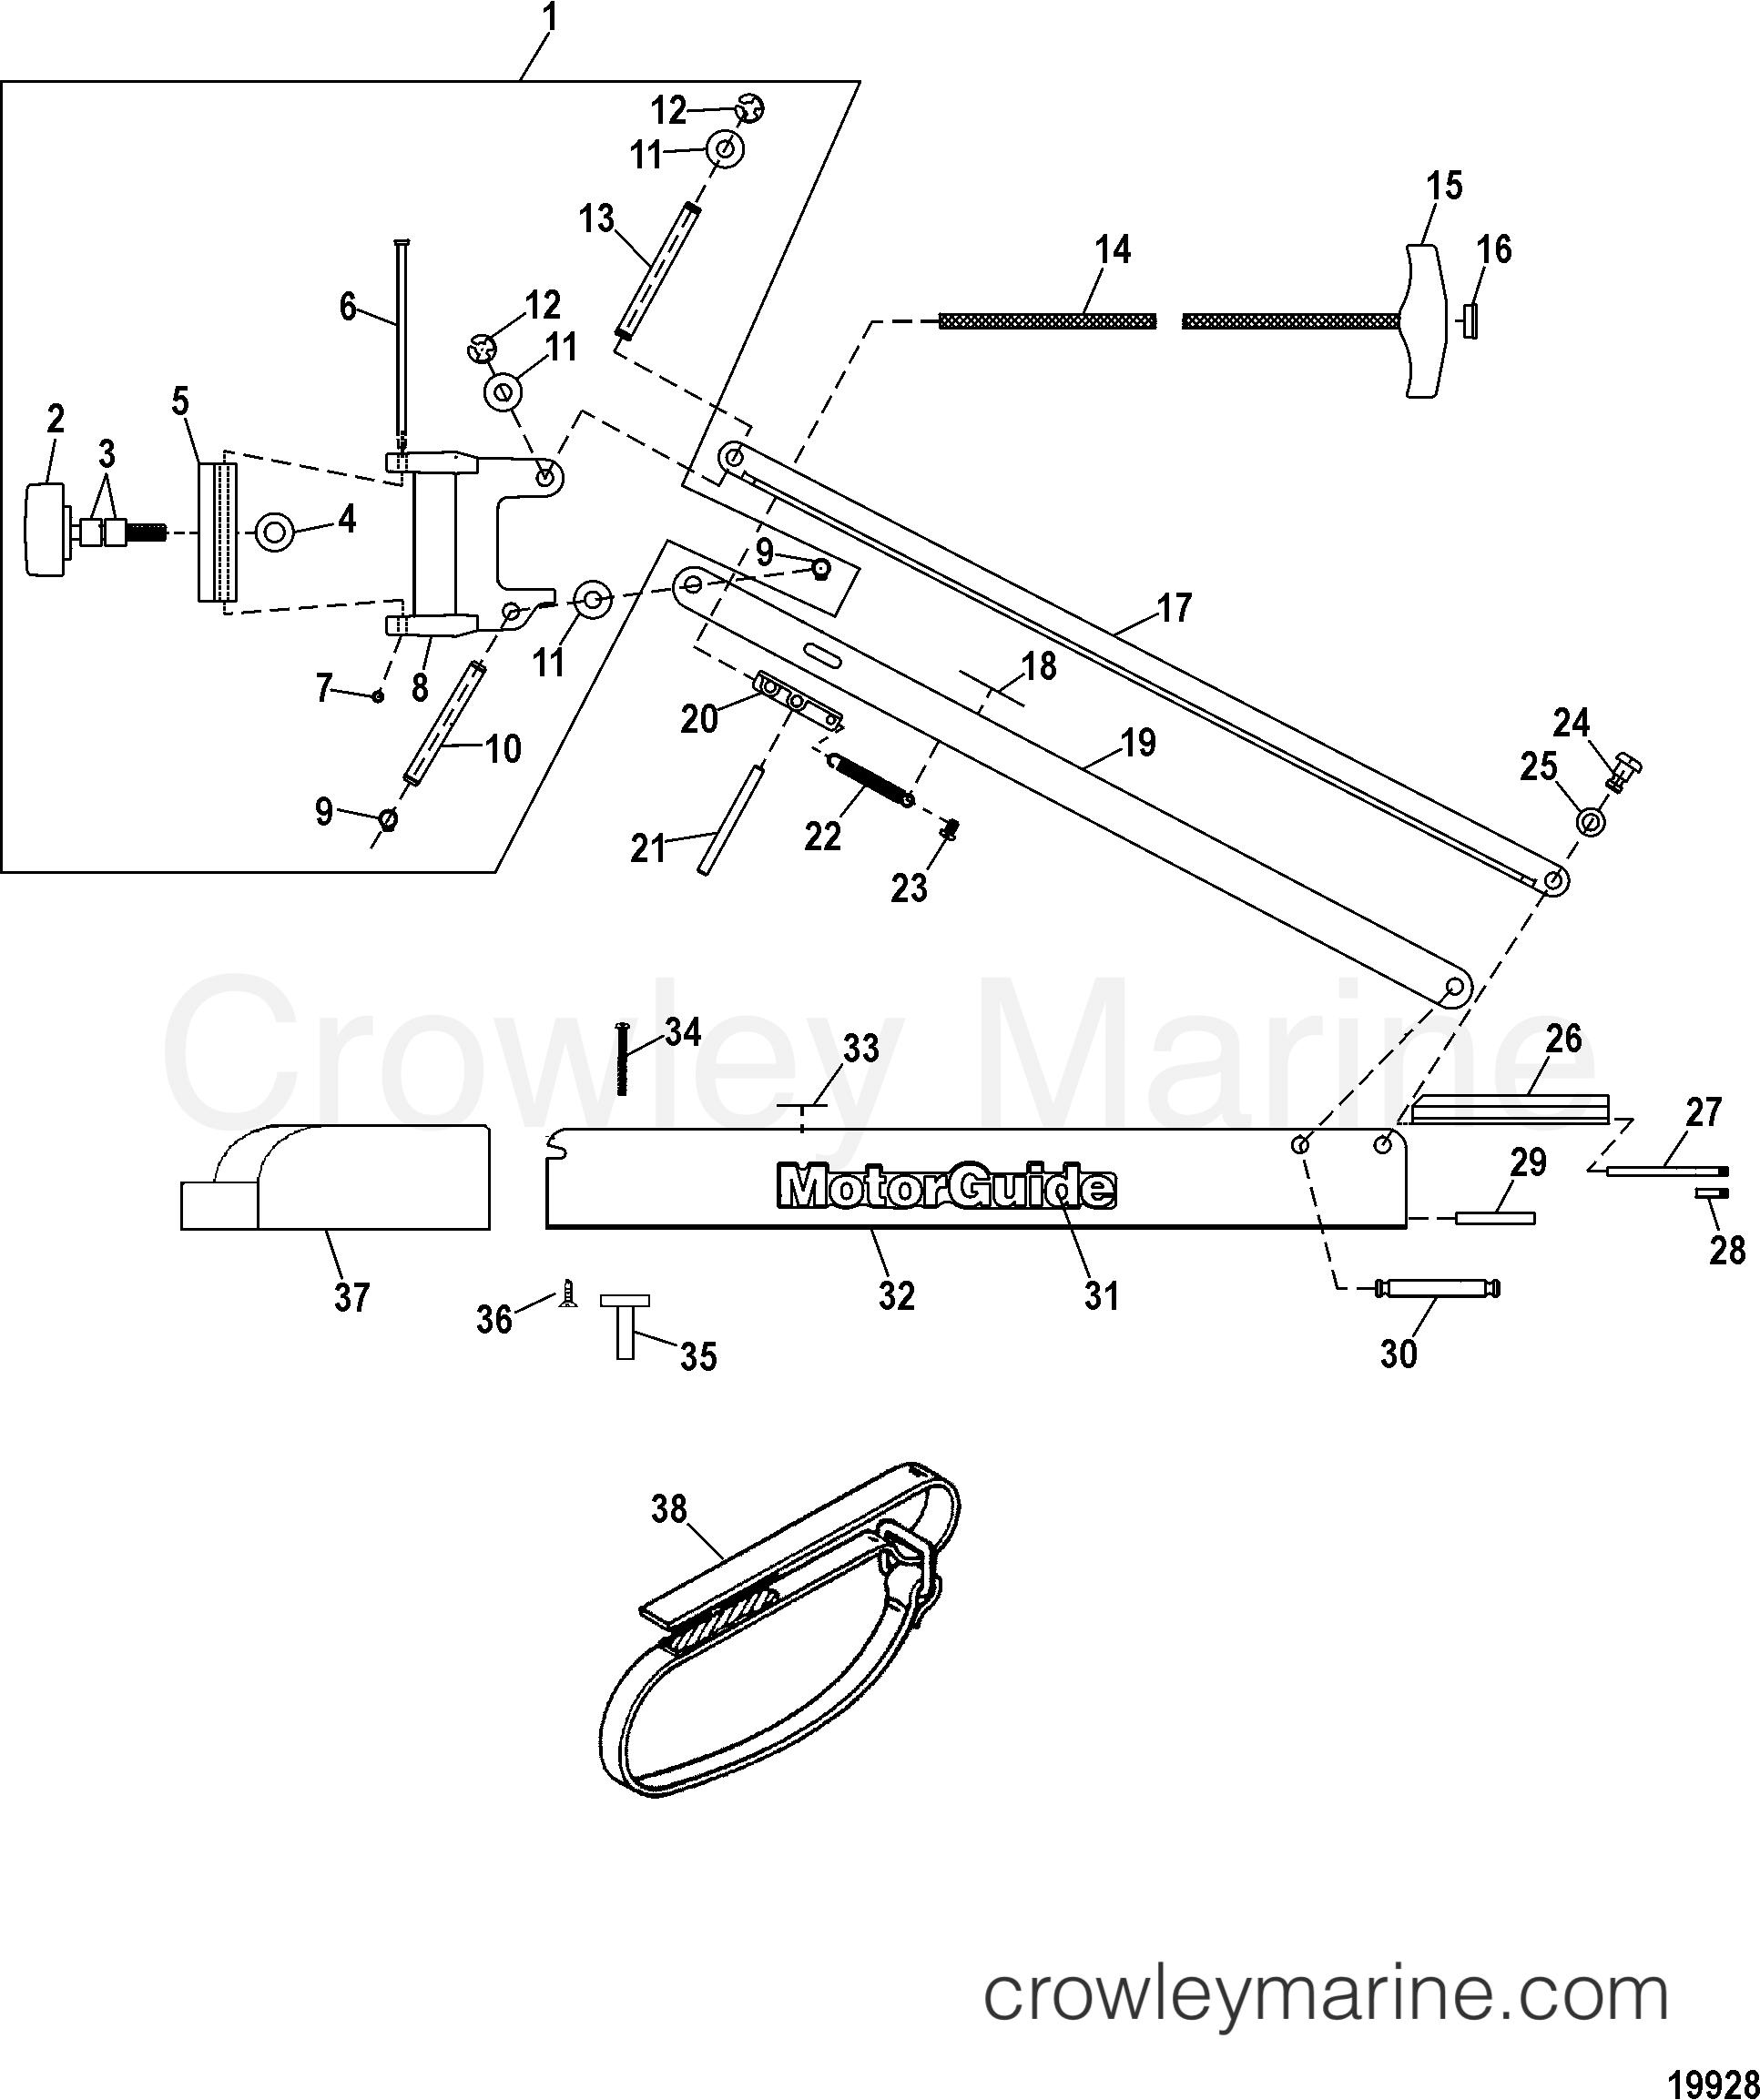 2005 MotorGuide 12V [MOTORGUIDE] - 921310040 07 BOW (BLACK)(36.00 INCH) (MST90736B) section